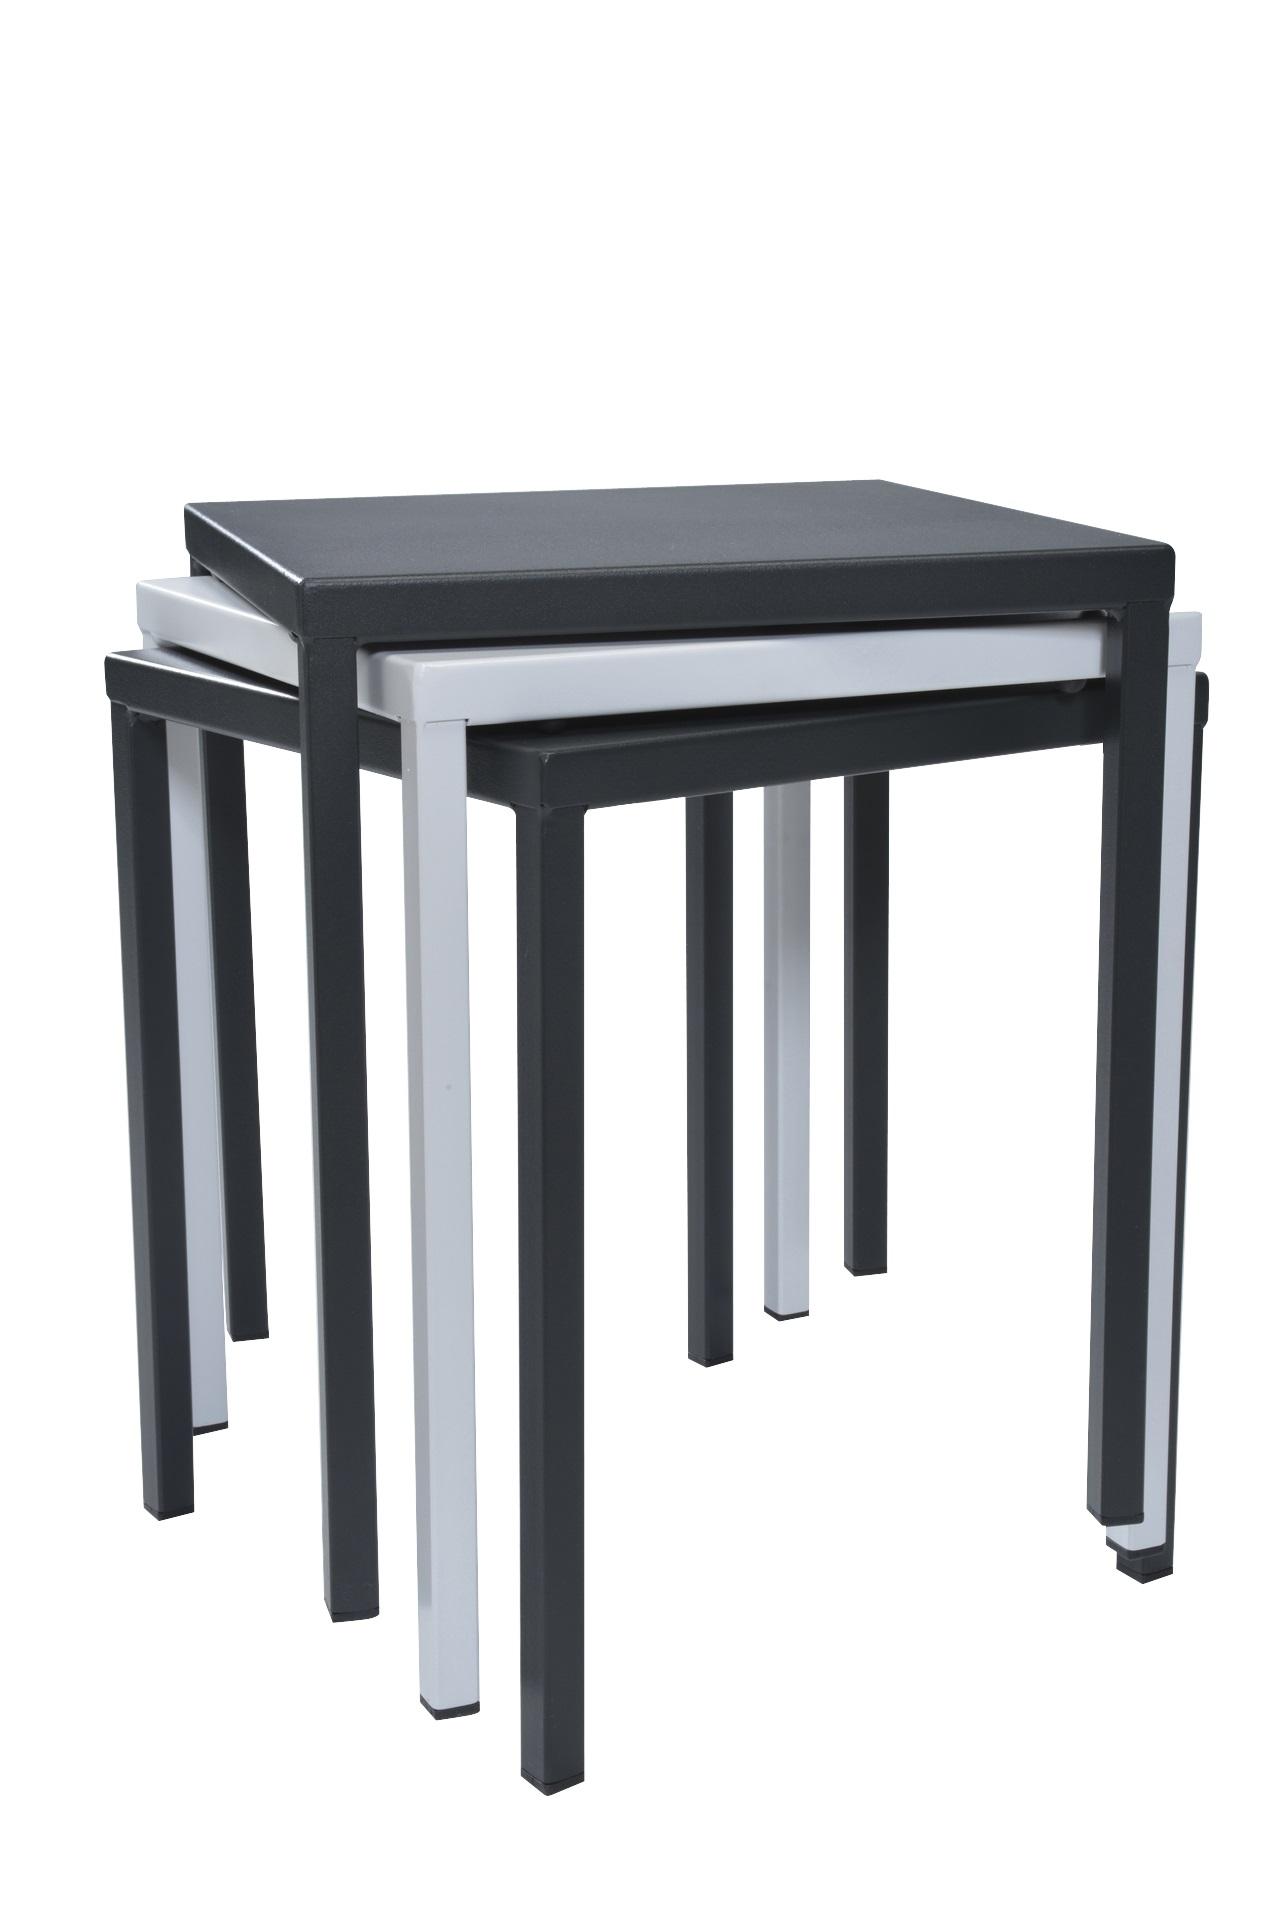 Stół metalowy 60x80 do restauracji